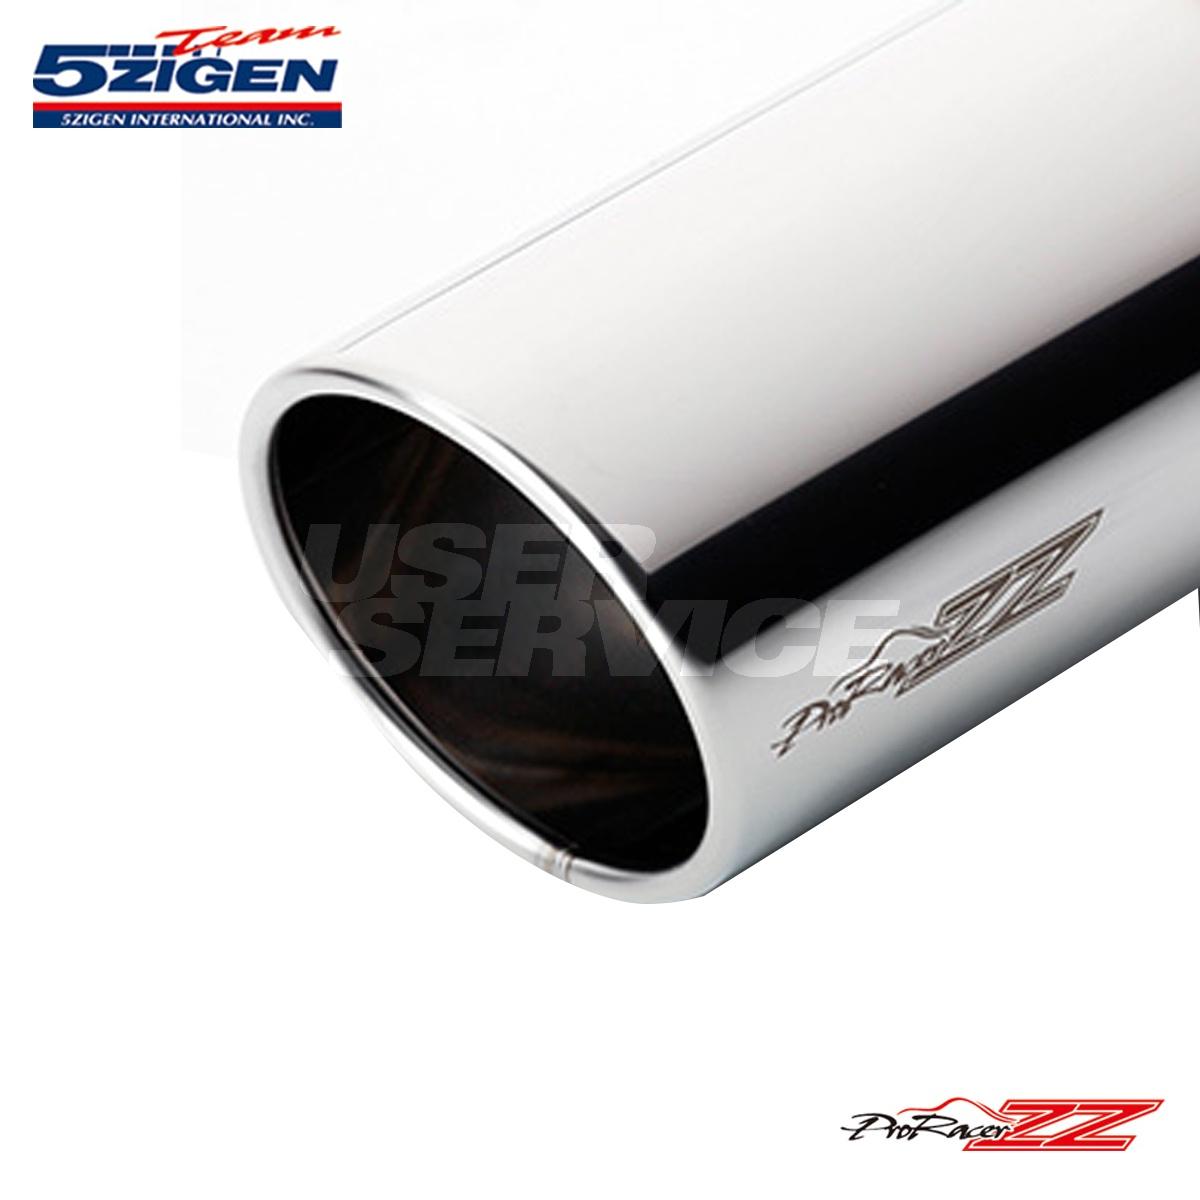 5次元 プロレーサーZZ レガシィツーリングワゴン TA-BP5 マフラー 品番:PZSU-009 5ZIGEN